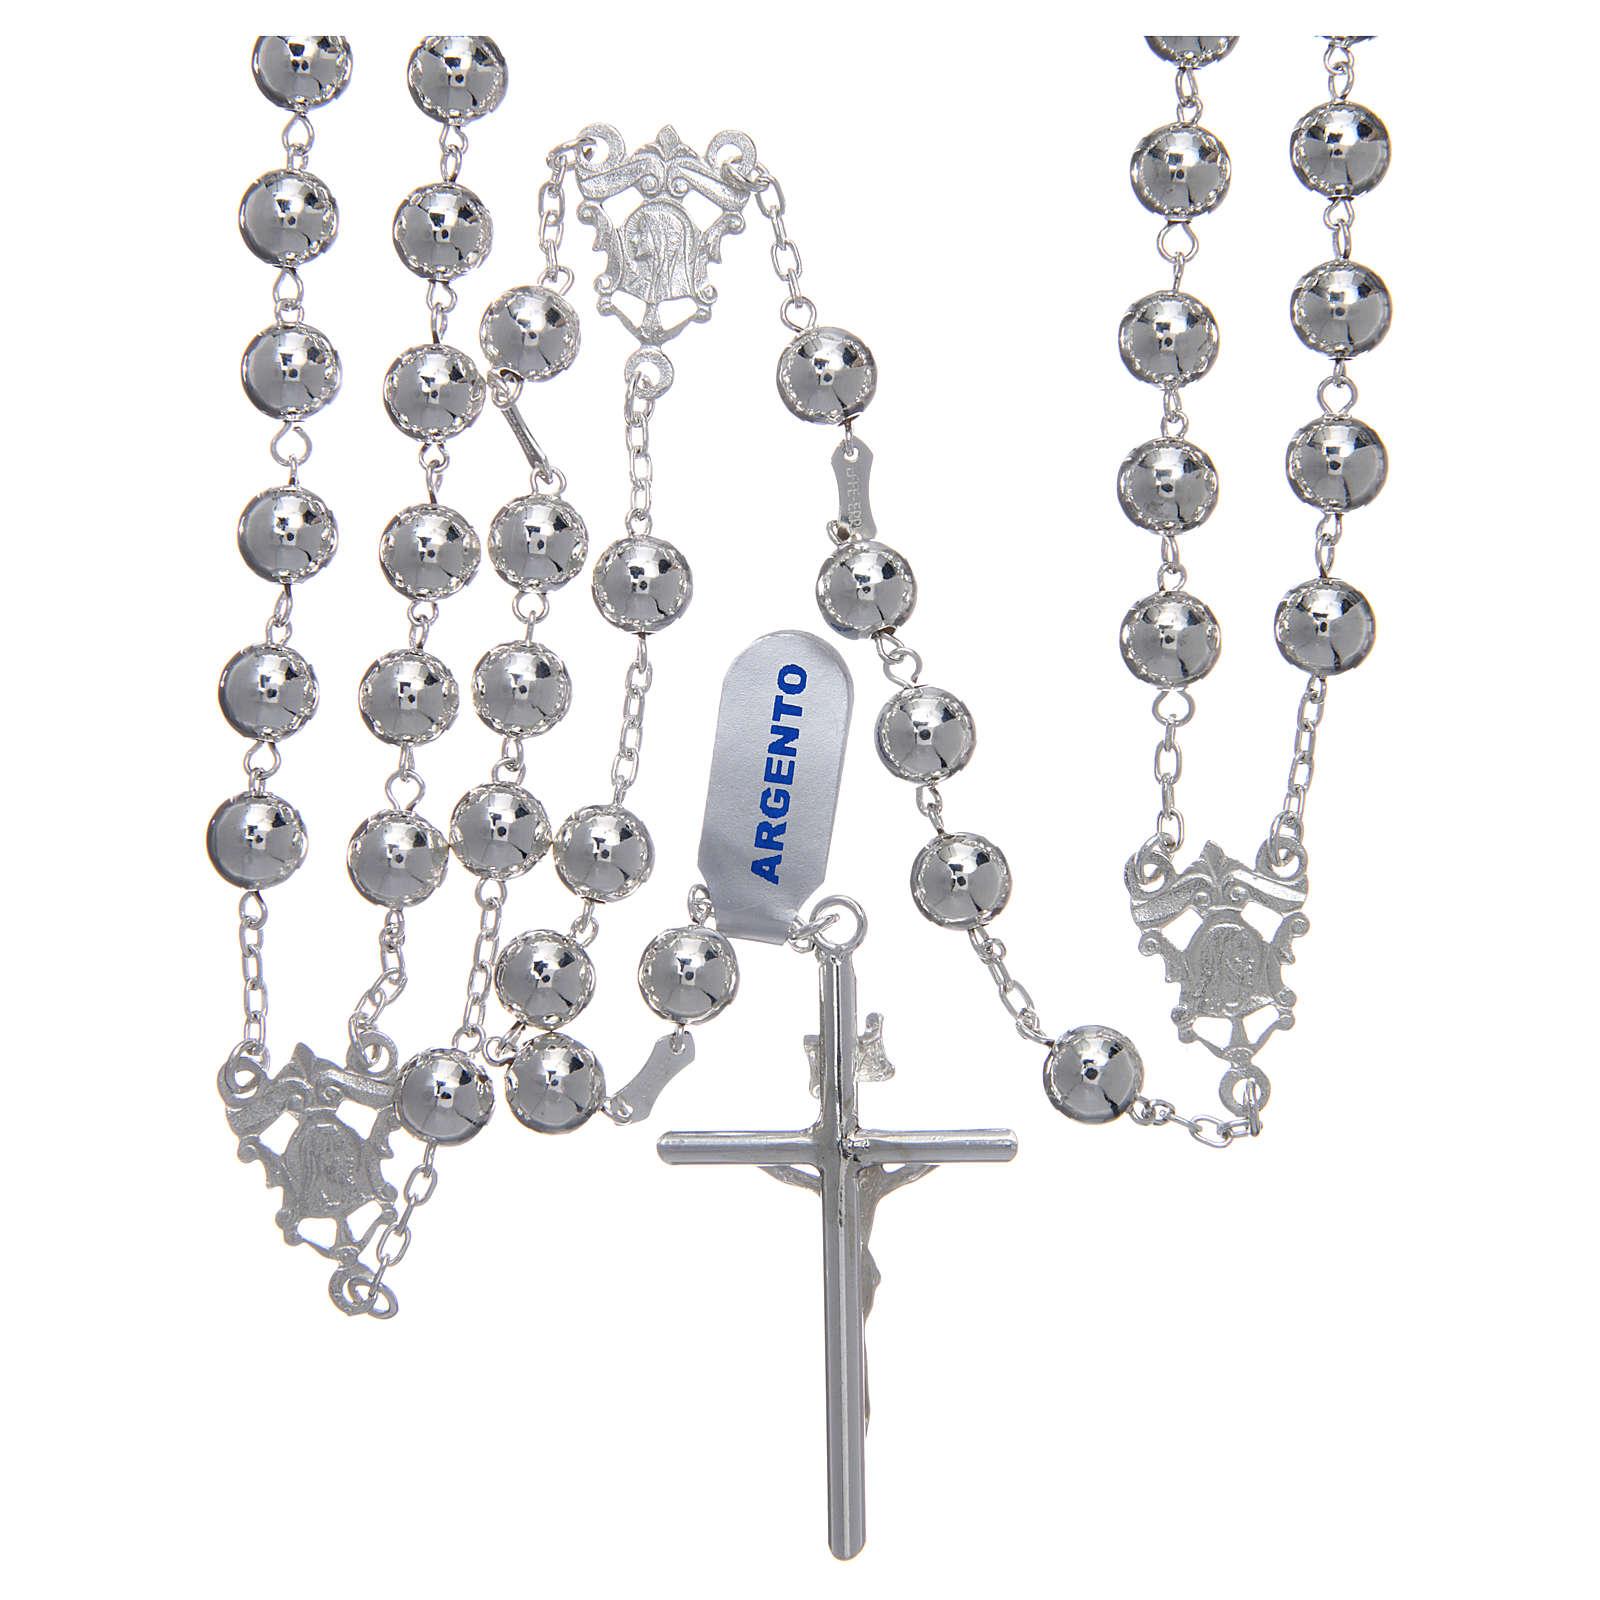 Rosenkranz der Hochzeit Silber 925 und Perlen 8mm 4